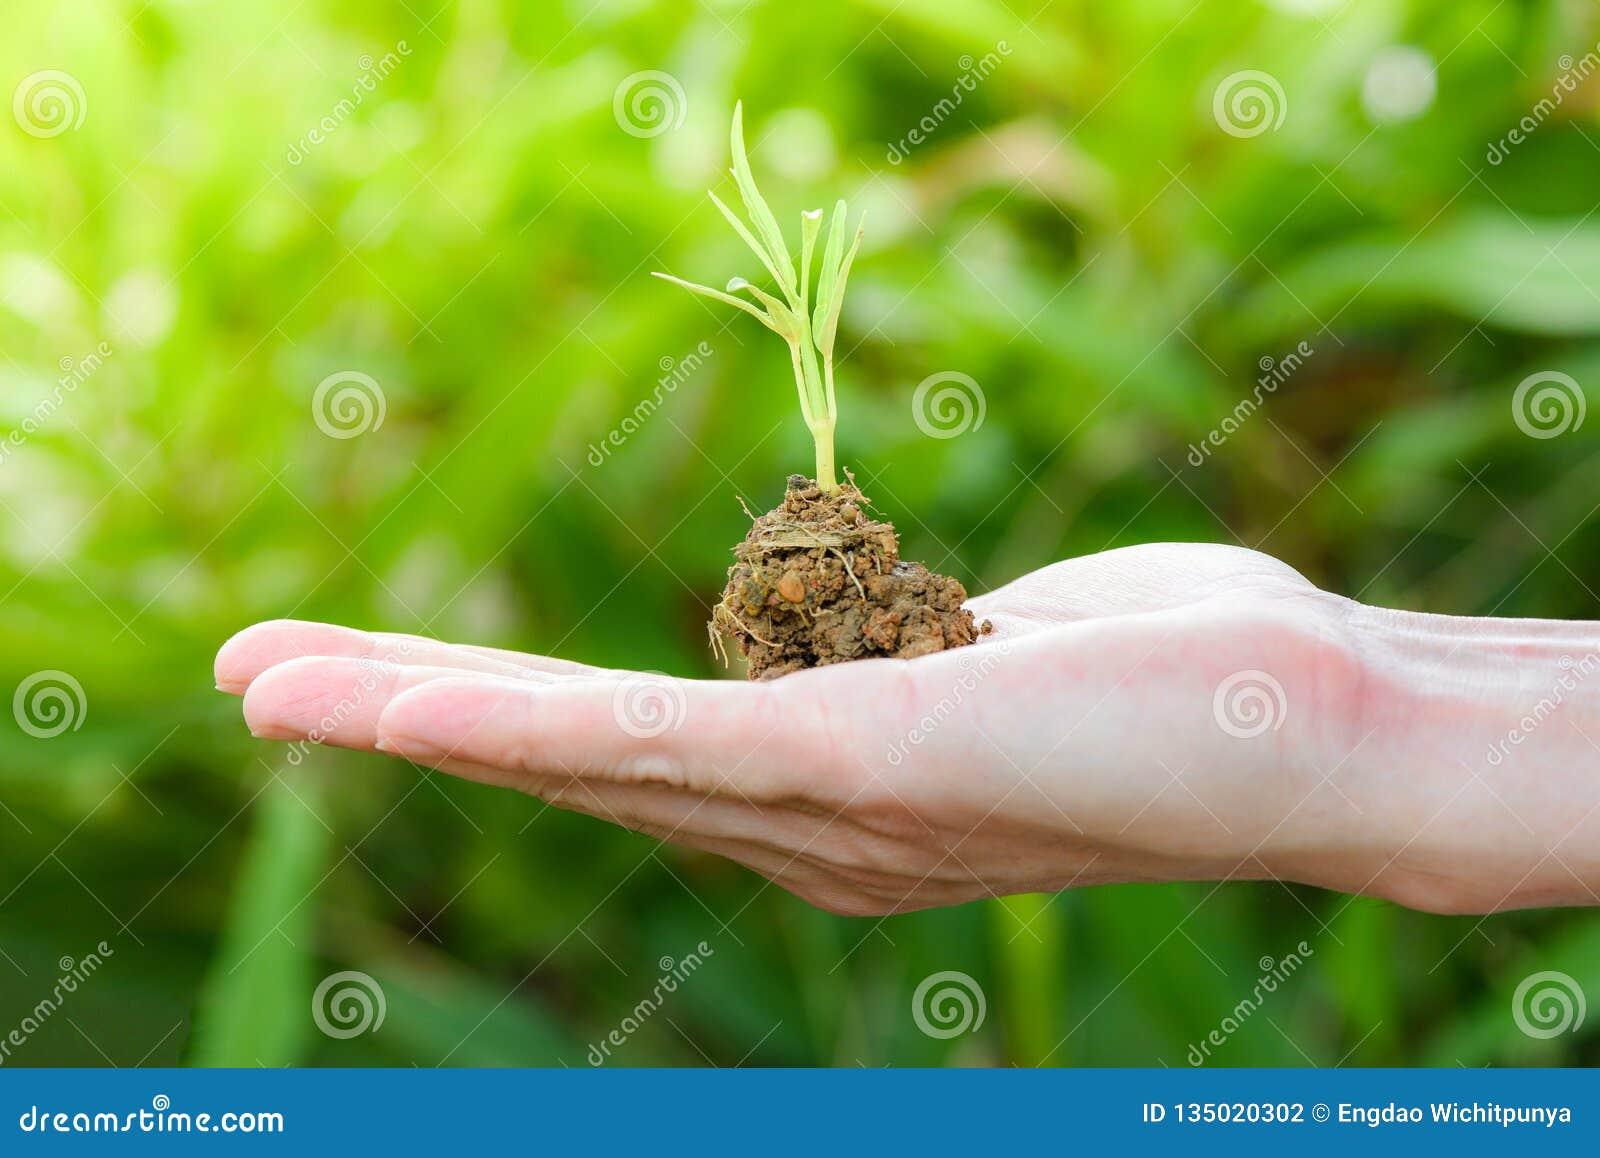 Planta que crece a mano el suelo a disposición con agricultura cada vez mayor verde de la plántula y que siembra la naturaleza de